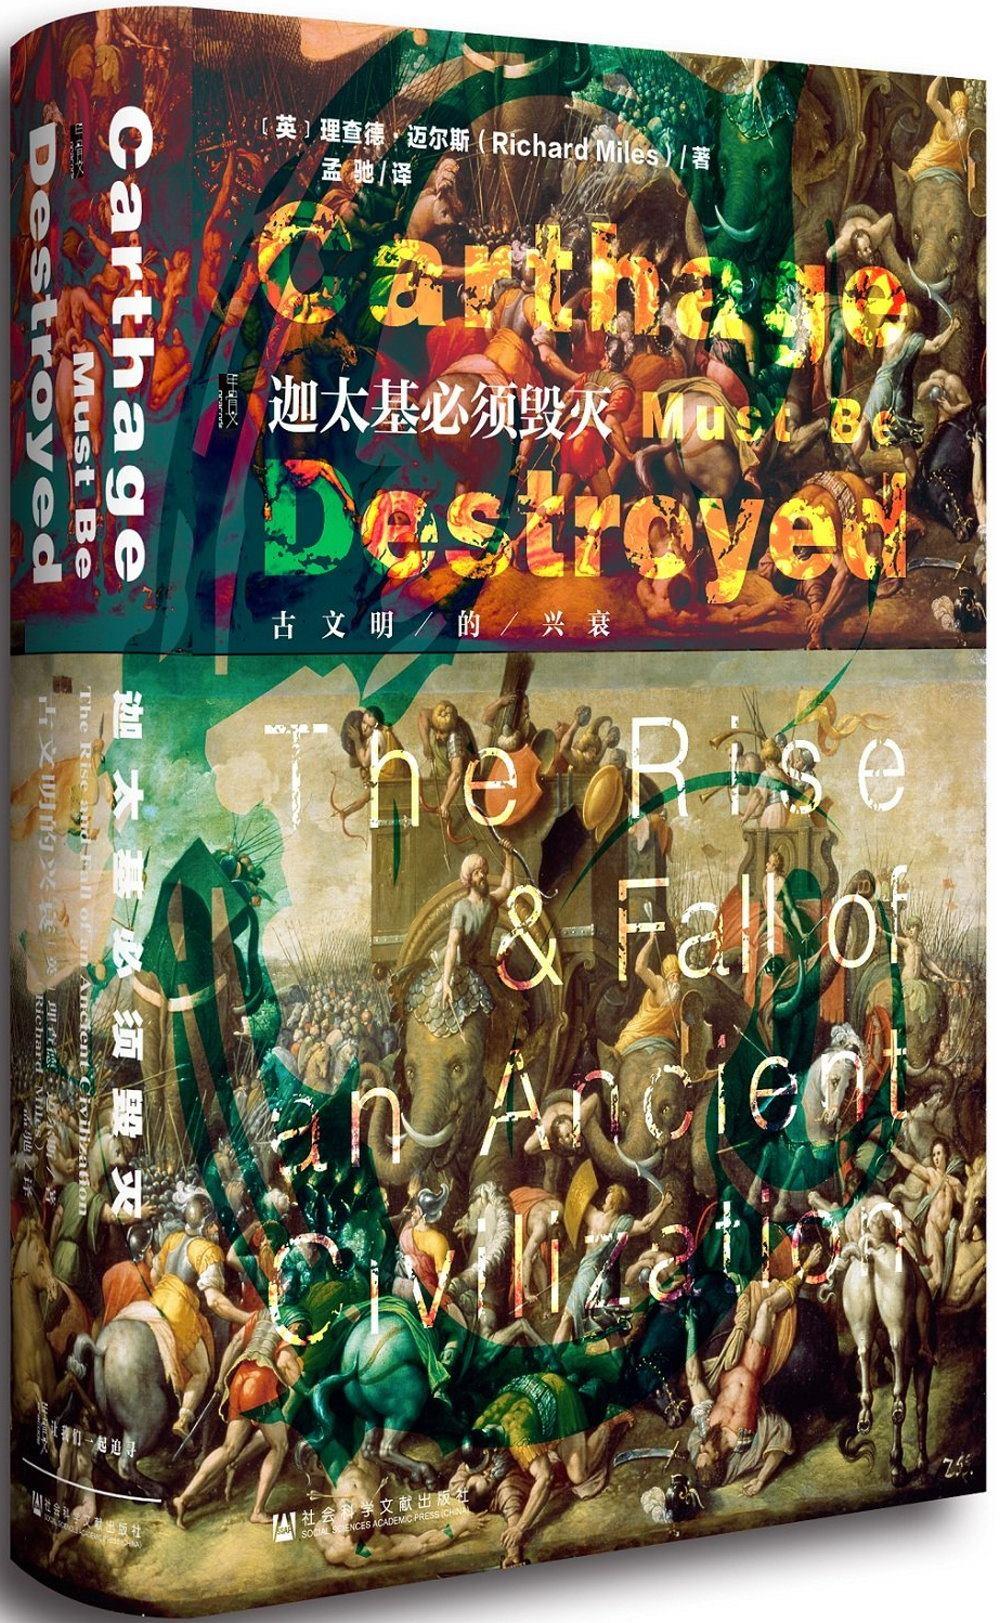 迦太基必須毀滅:古文明的興衰